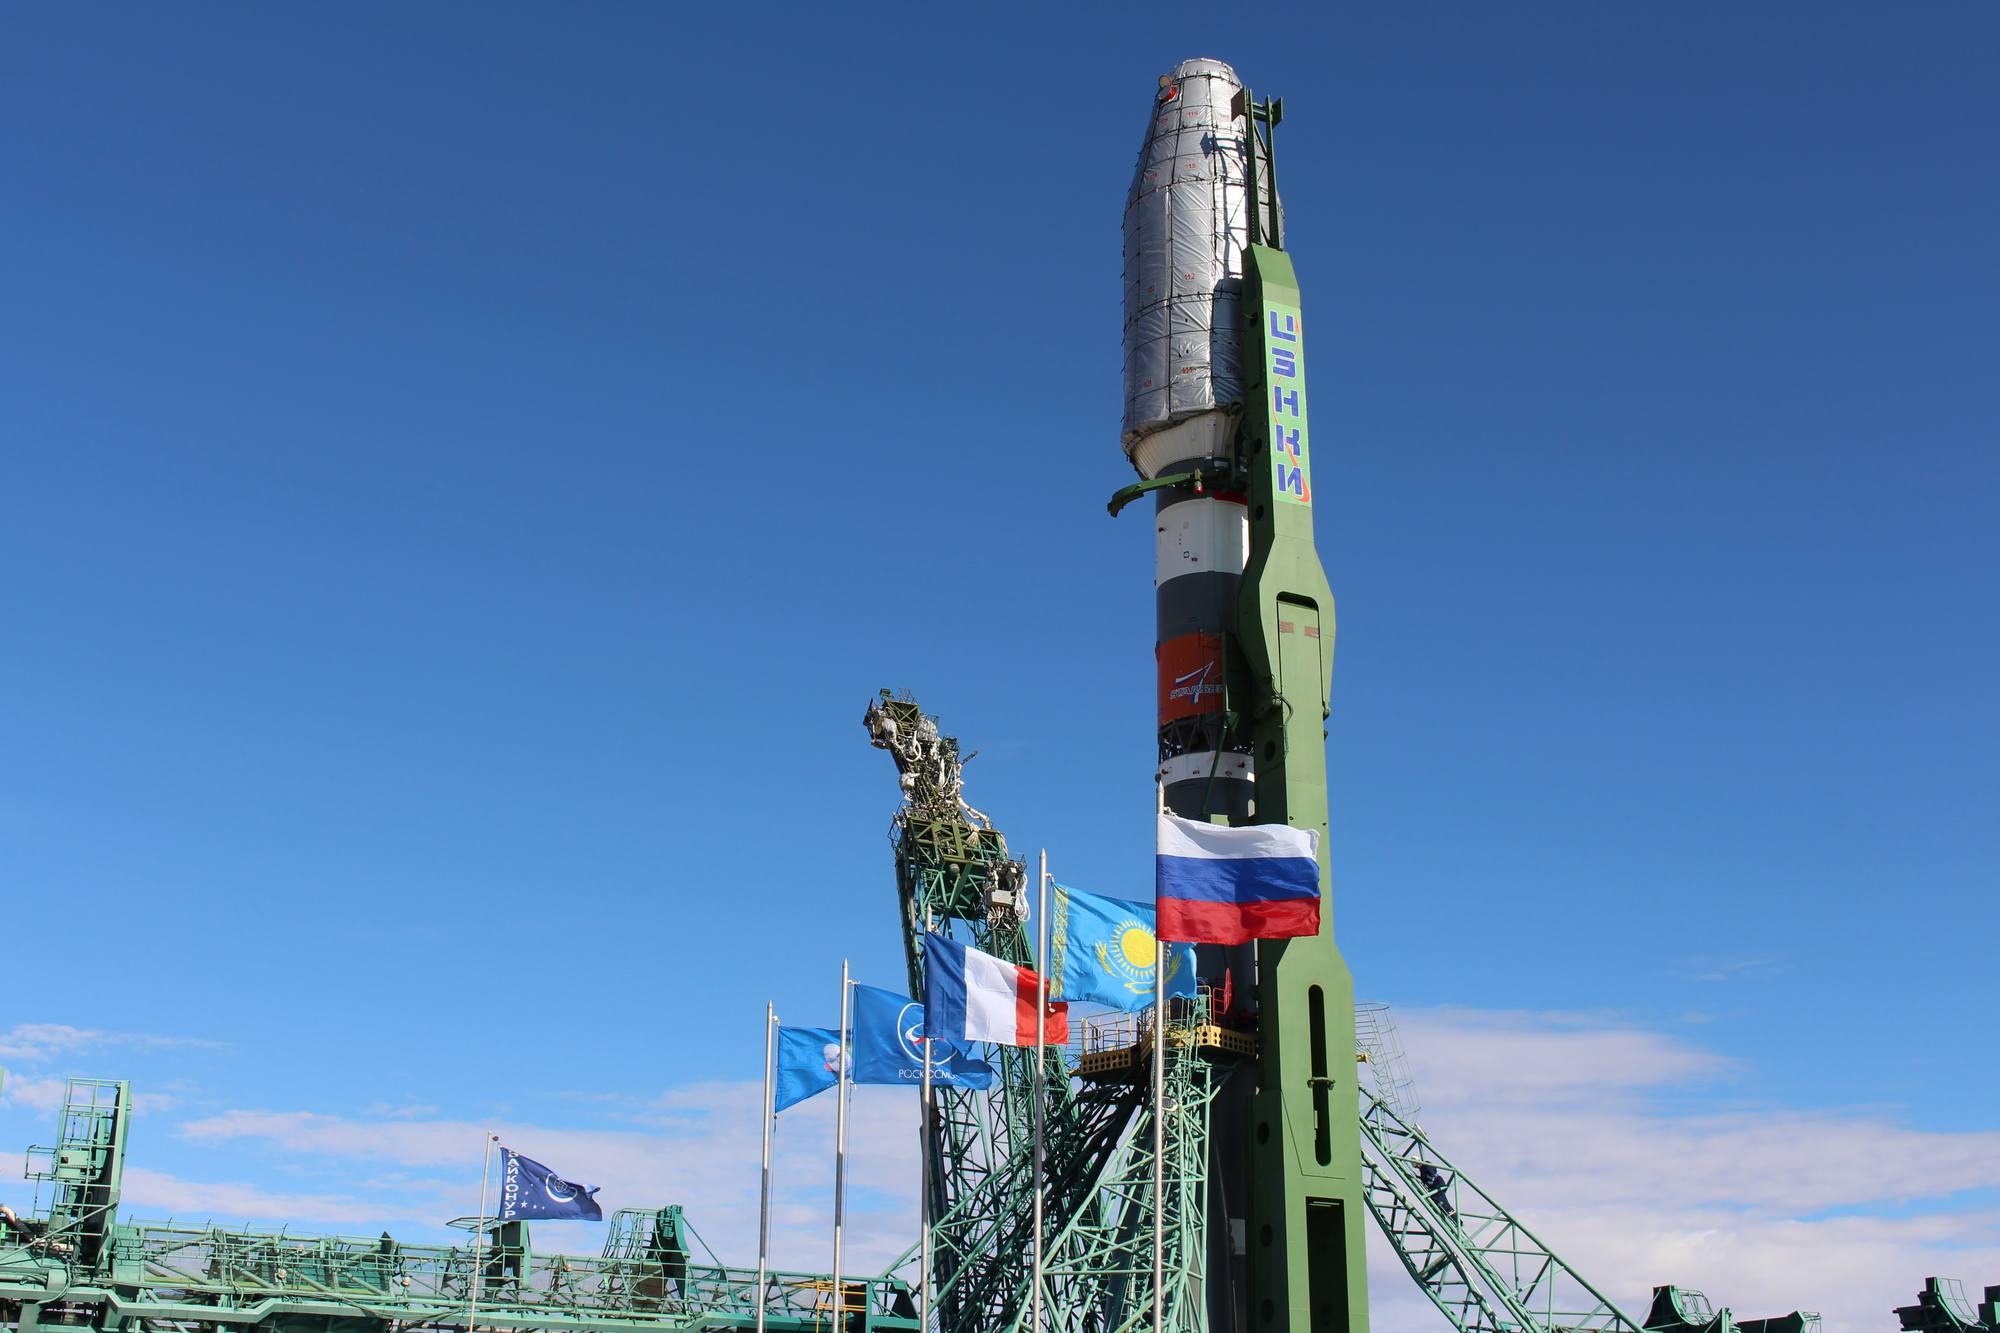 Le drapeau français flotte sur la pas de tir, Arianespace oblige...